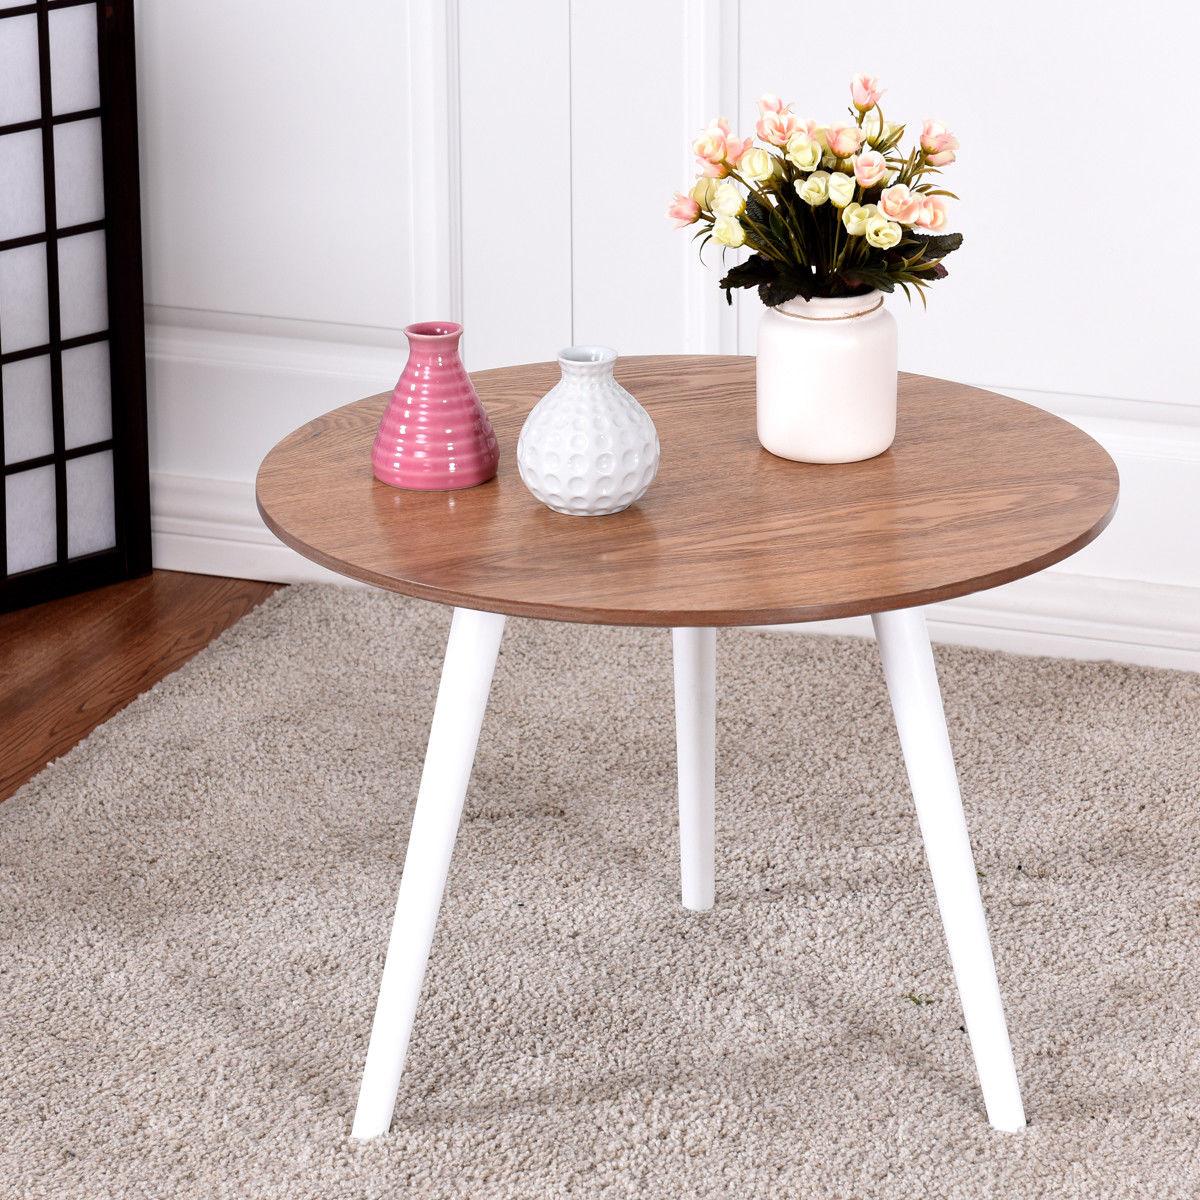 Giantex современные круглый Кофе столик Чай столик Pine Деревянная мебель обеденный Гостиная таблицы hw57024 ...